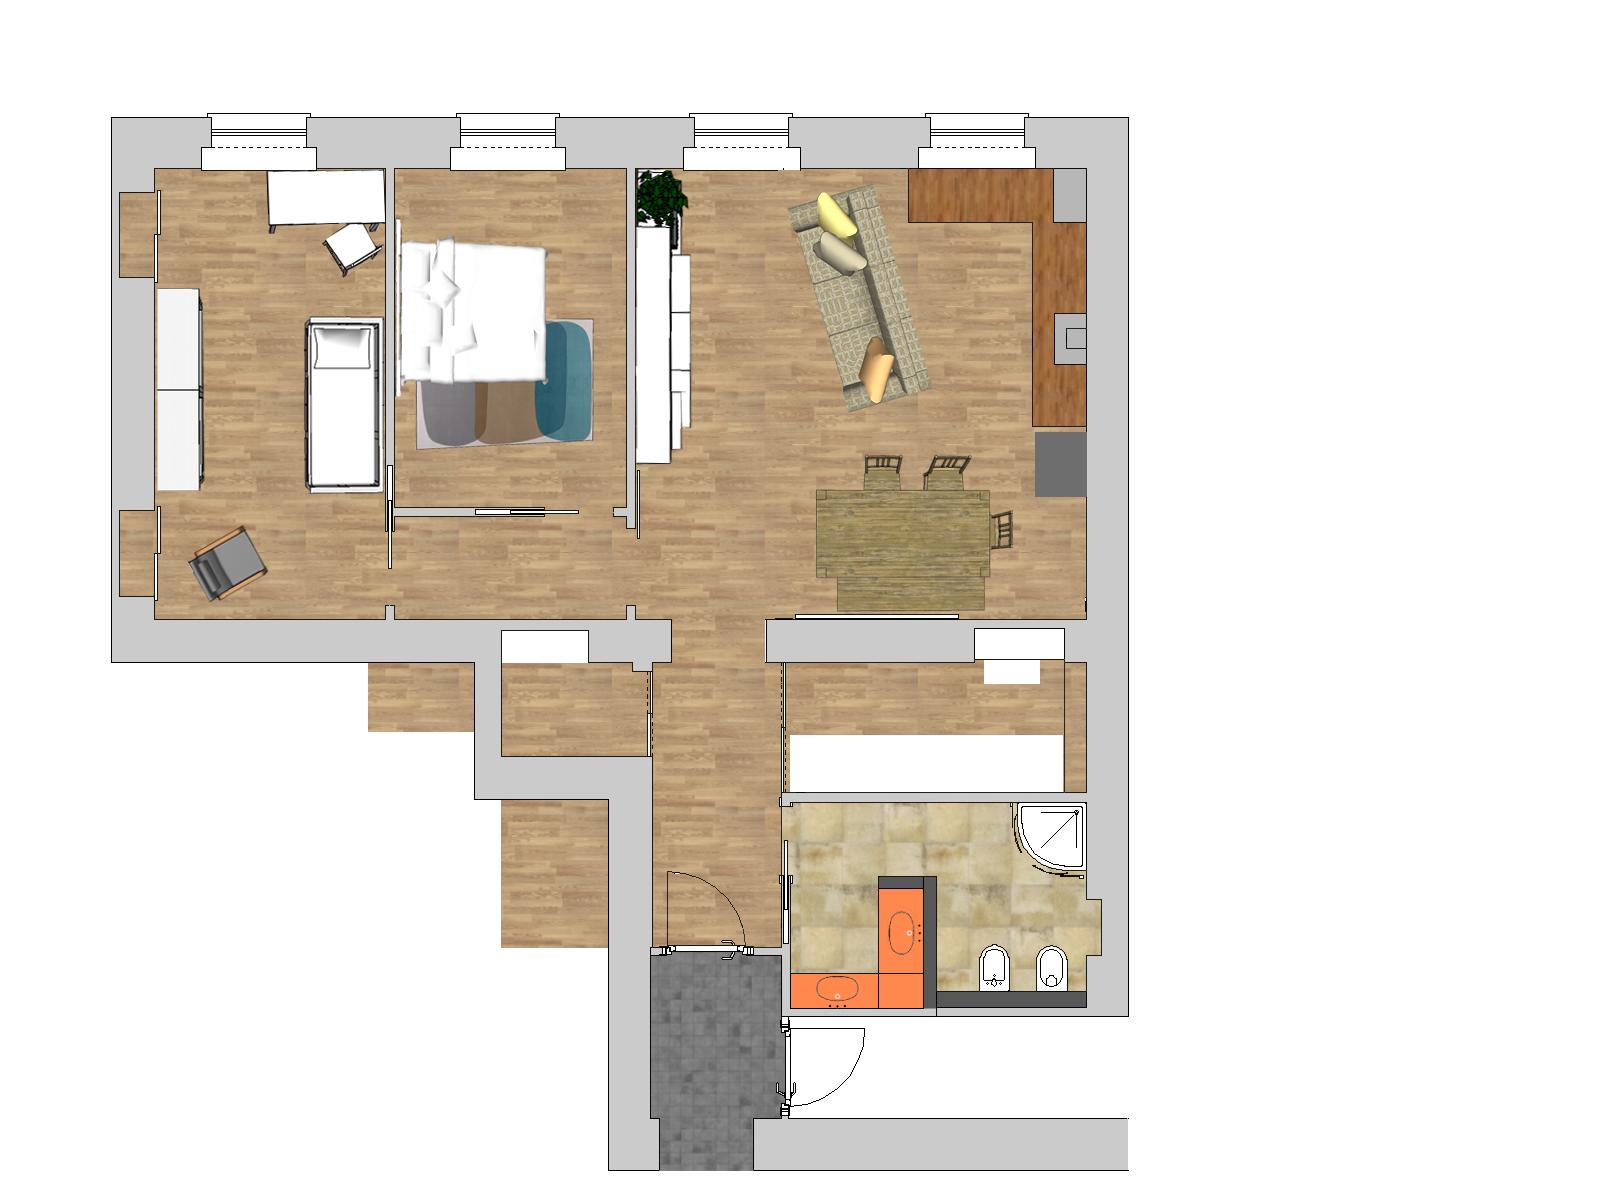 Planimetria divani la scelta giusta variata sul design for Planimetrie della casa senza garage